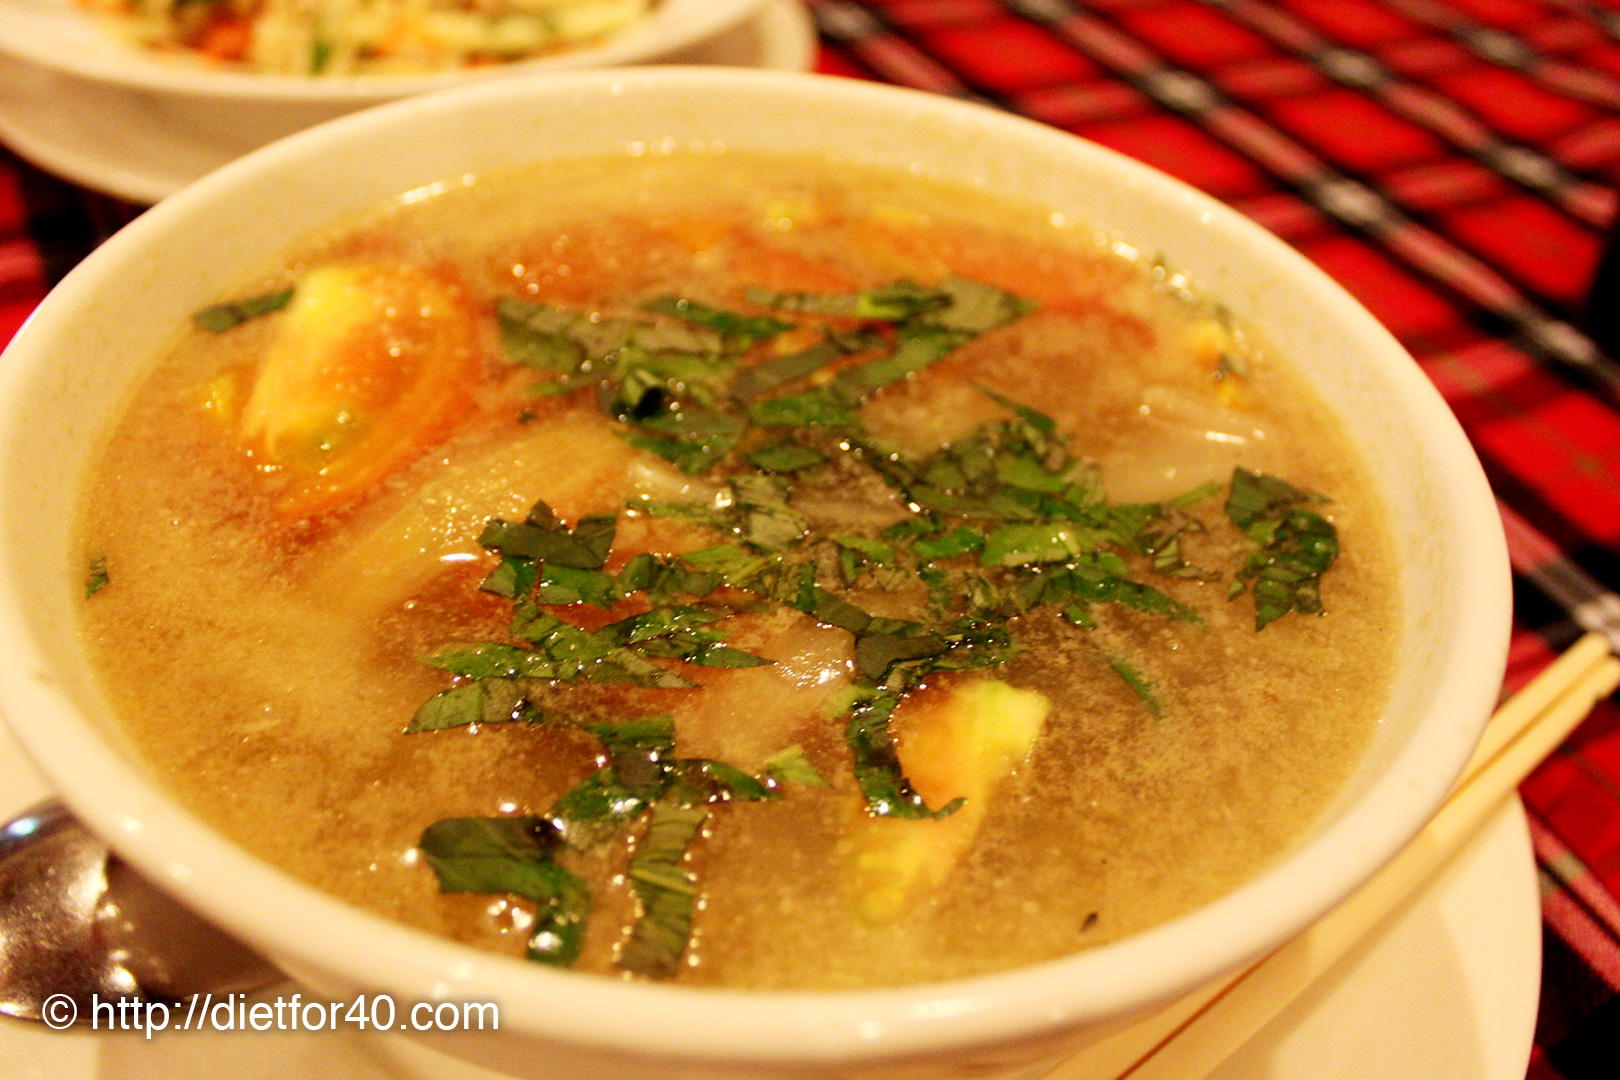 トマトと玉ねぎ、牛肉のスープ (at Sasa Cafe)